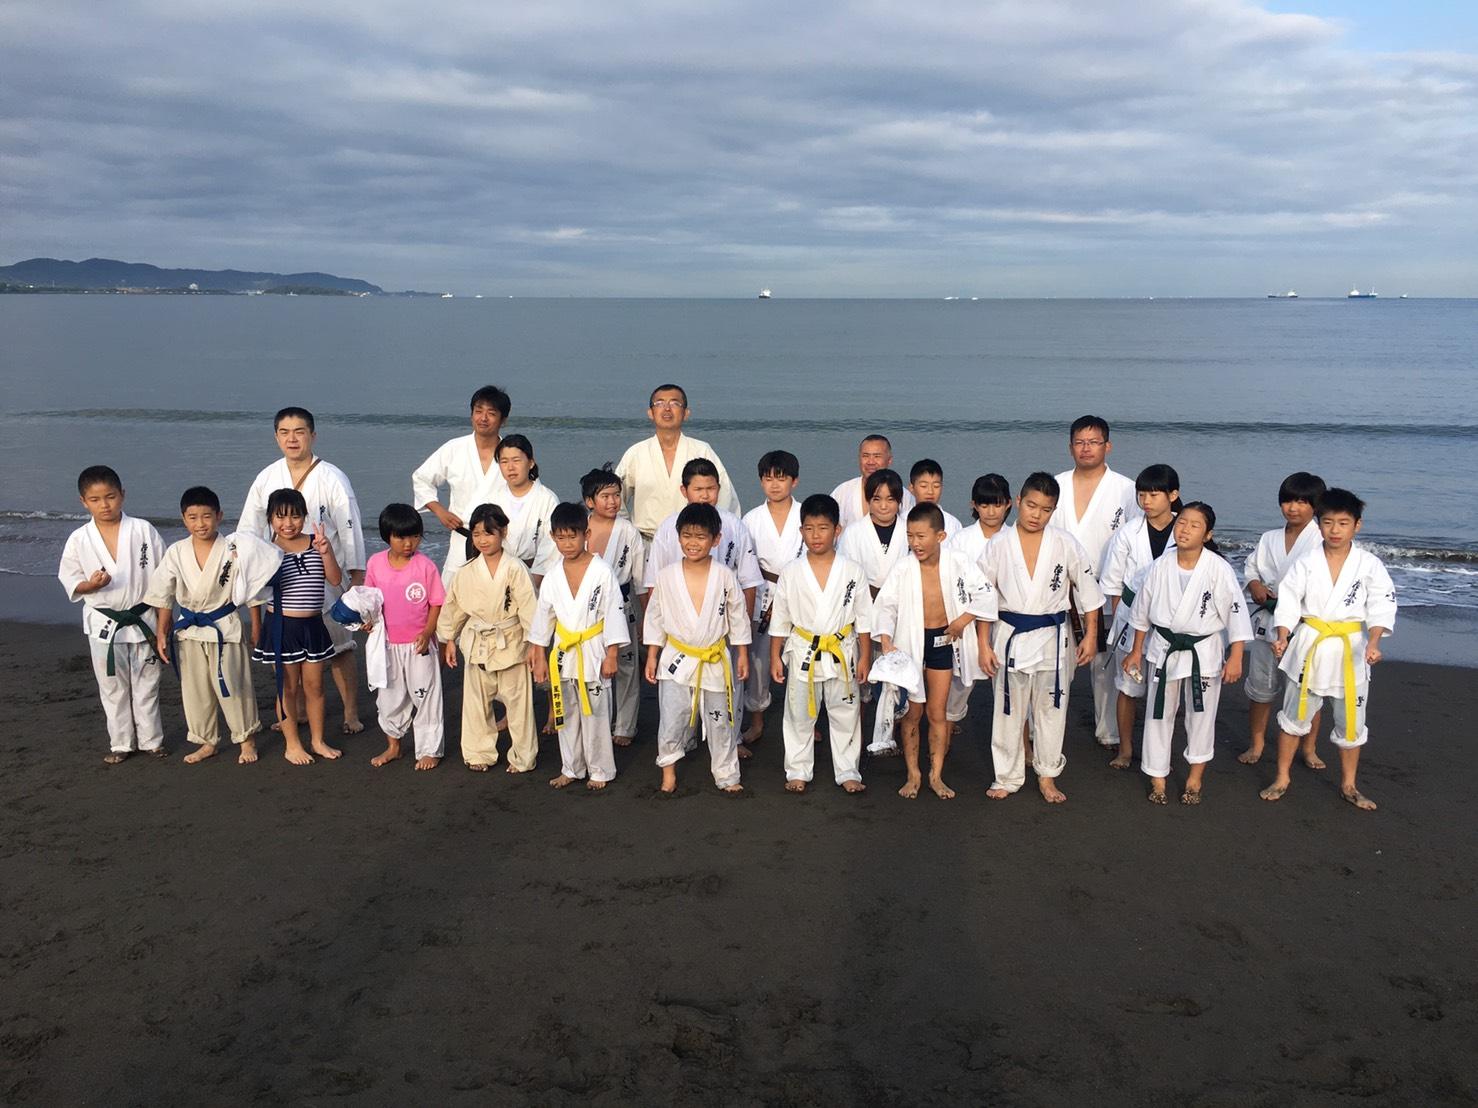 http://www.kyokushin-chibaminami.com/images/1505660737866.jpg